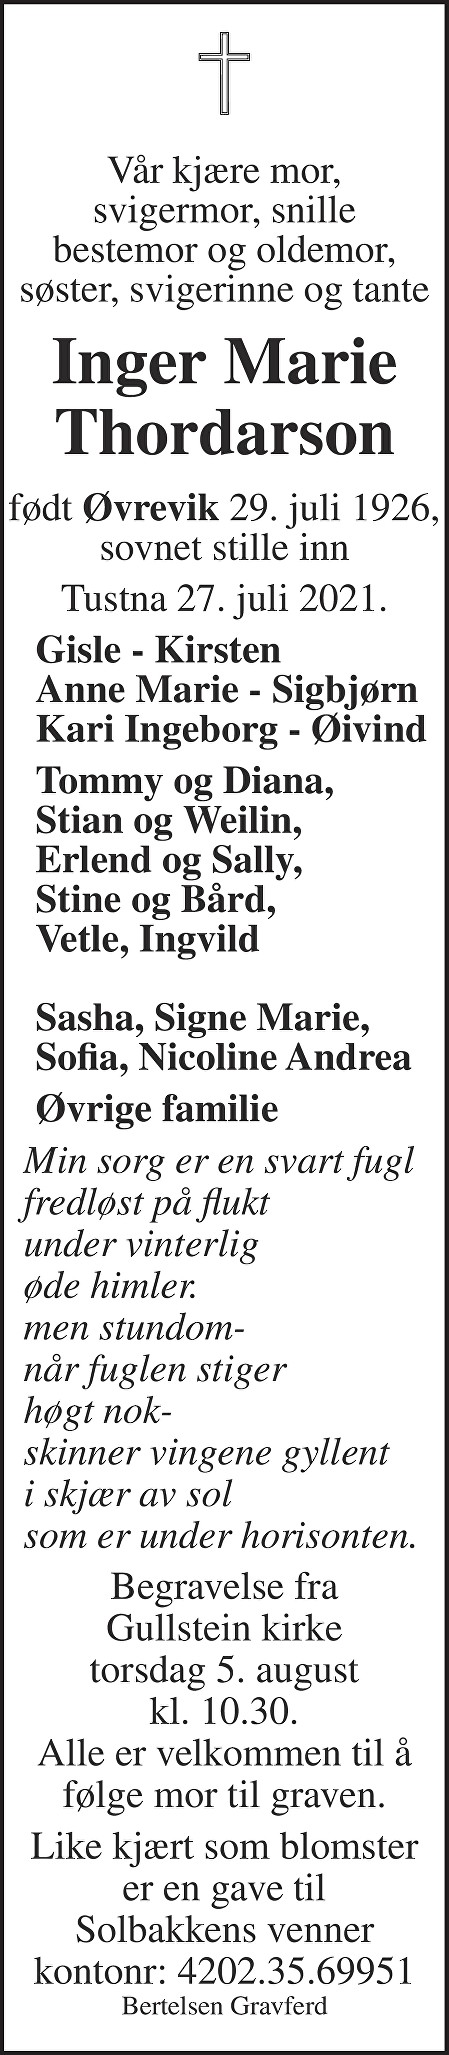 Inger Marie Thordarson Dødsannonse